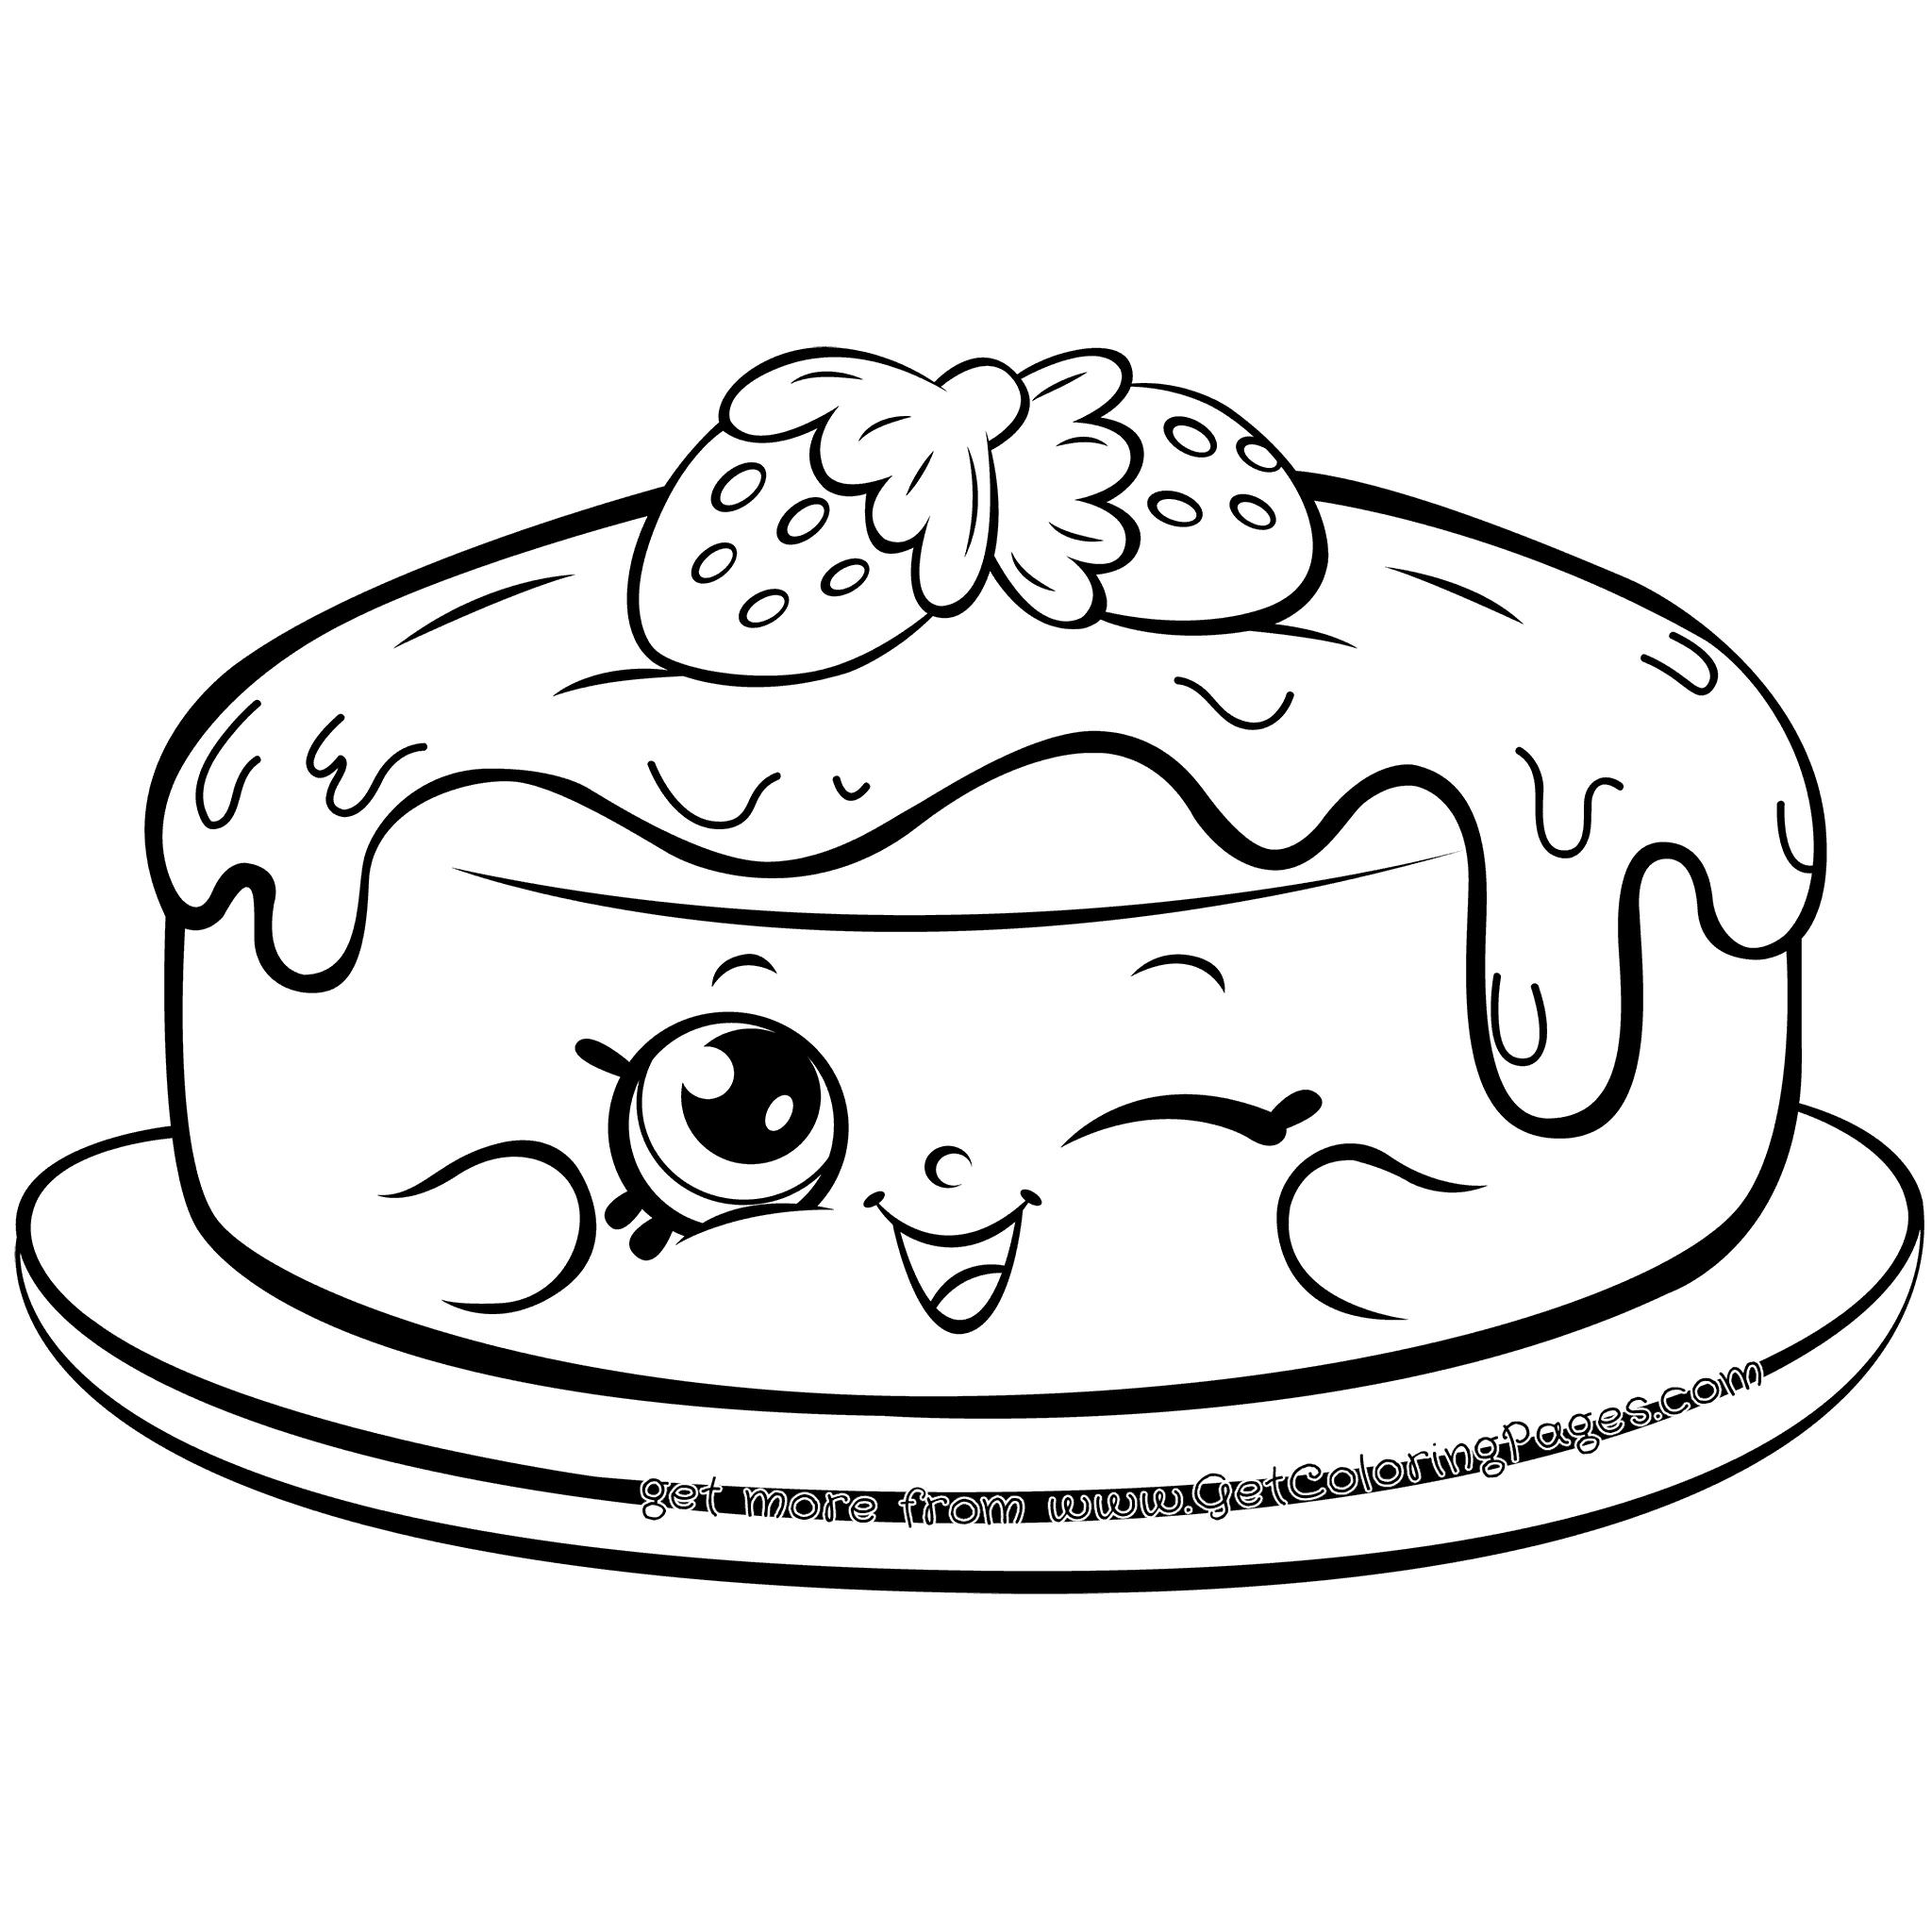 2048x2048 Happy Shopkins Cake Fran Pancake Coloring Page